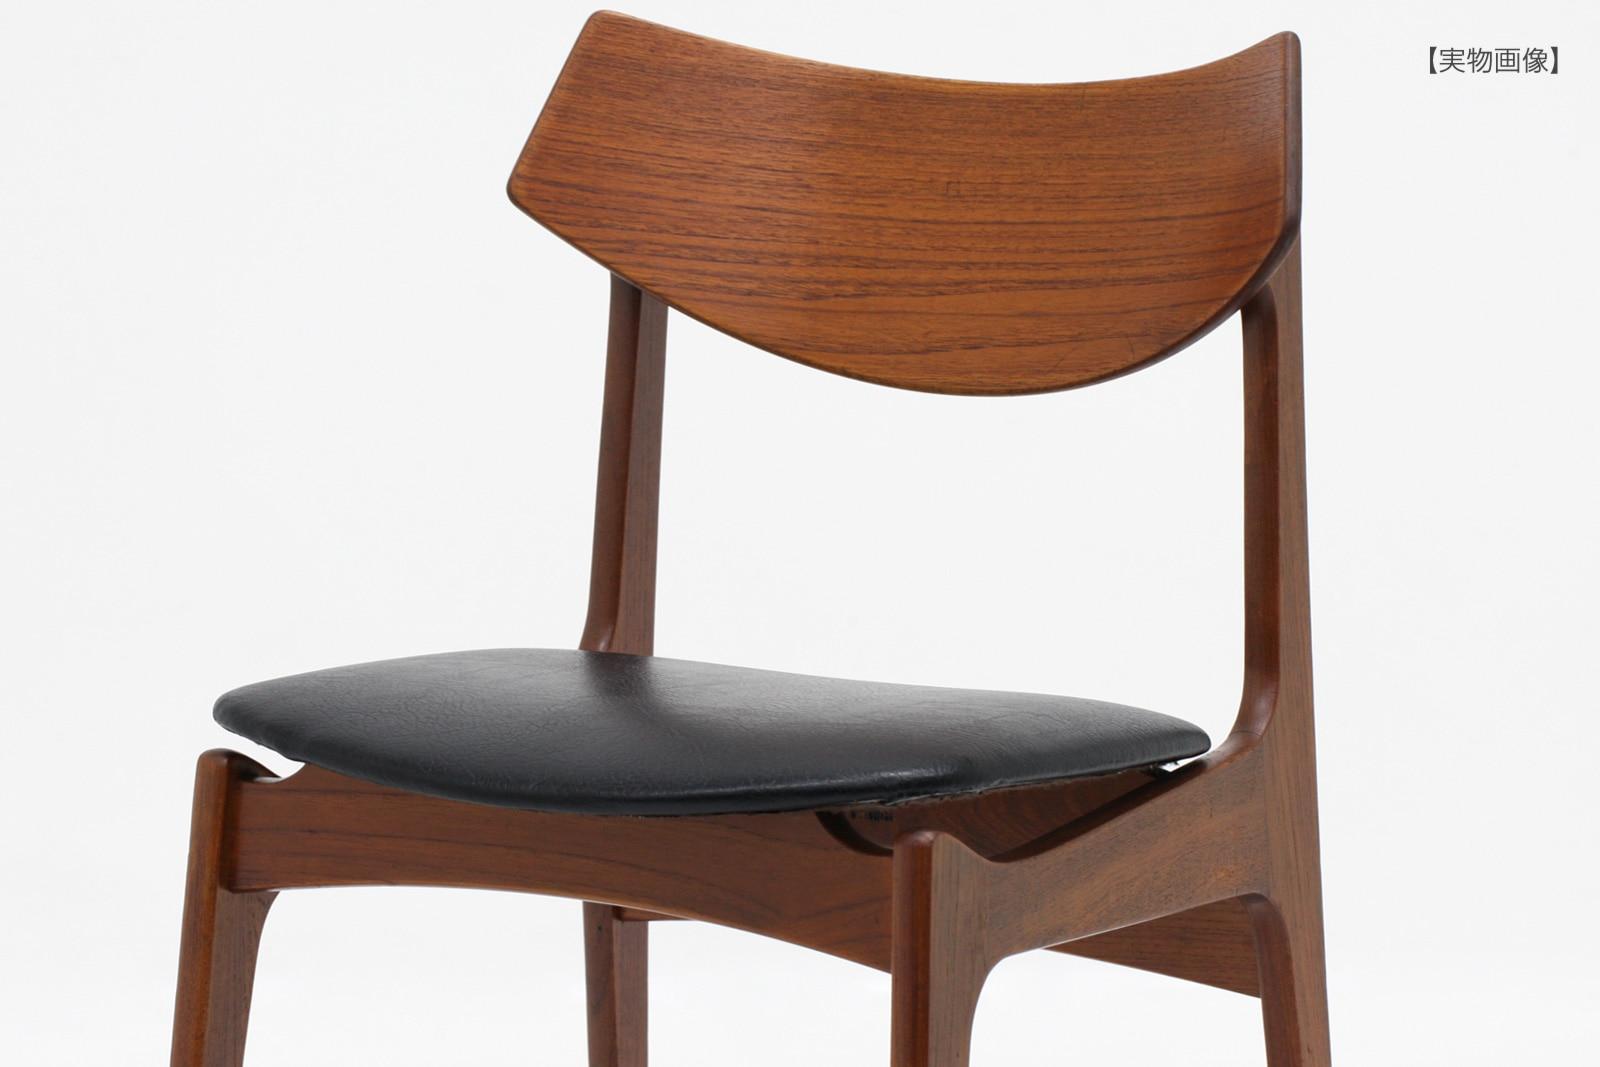 エリックバック,北欧,椅子